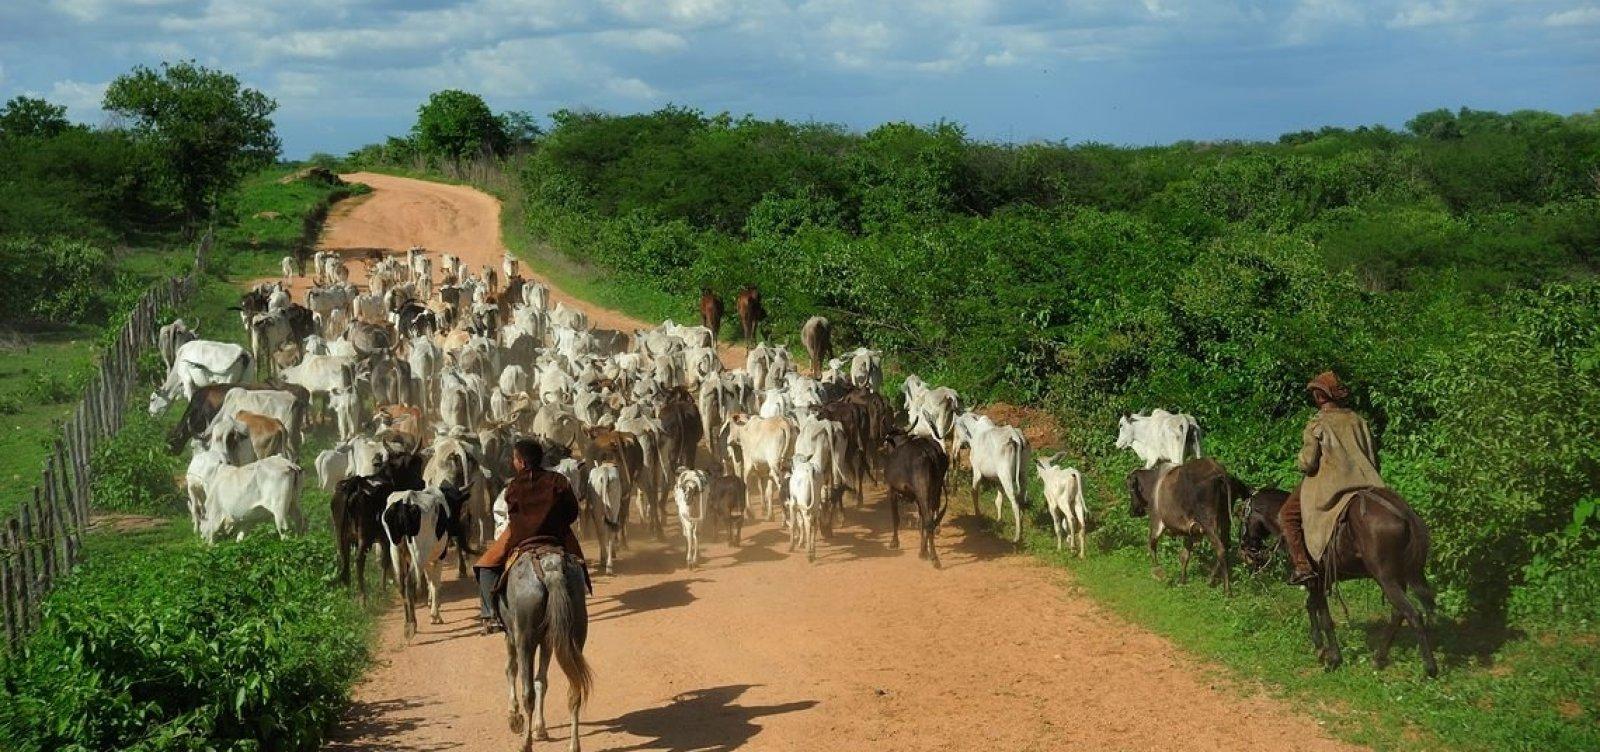 Governo tenta reverter veto à carne bovina brasileira, segundo porta-voz